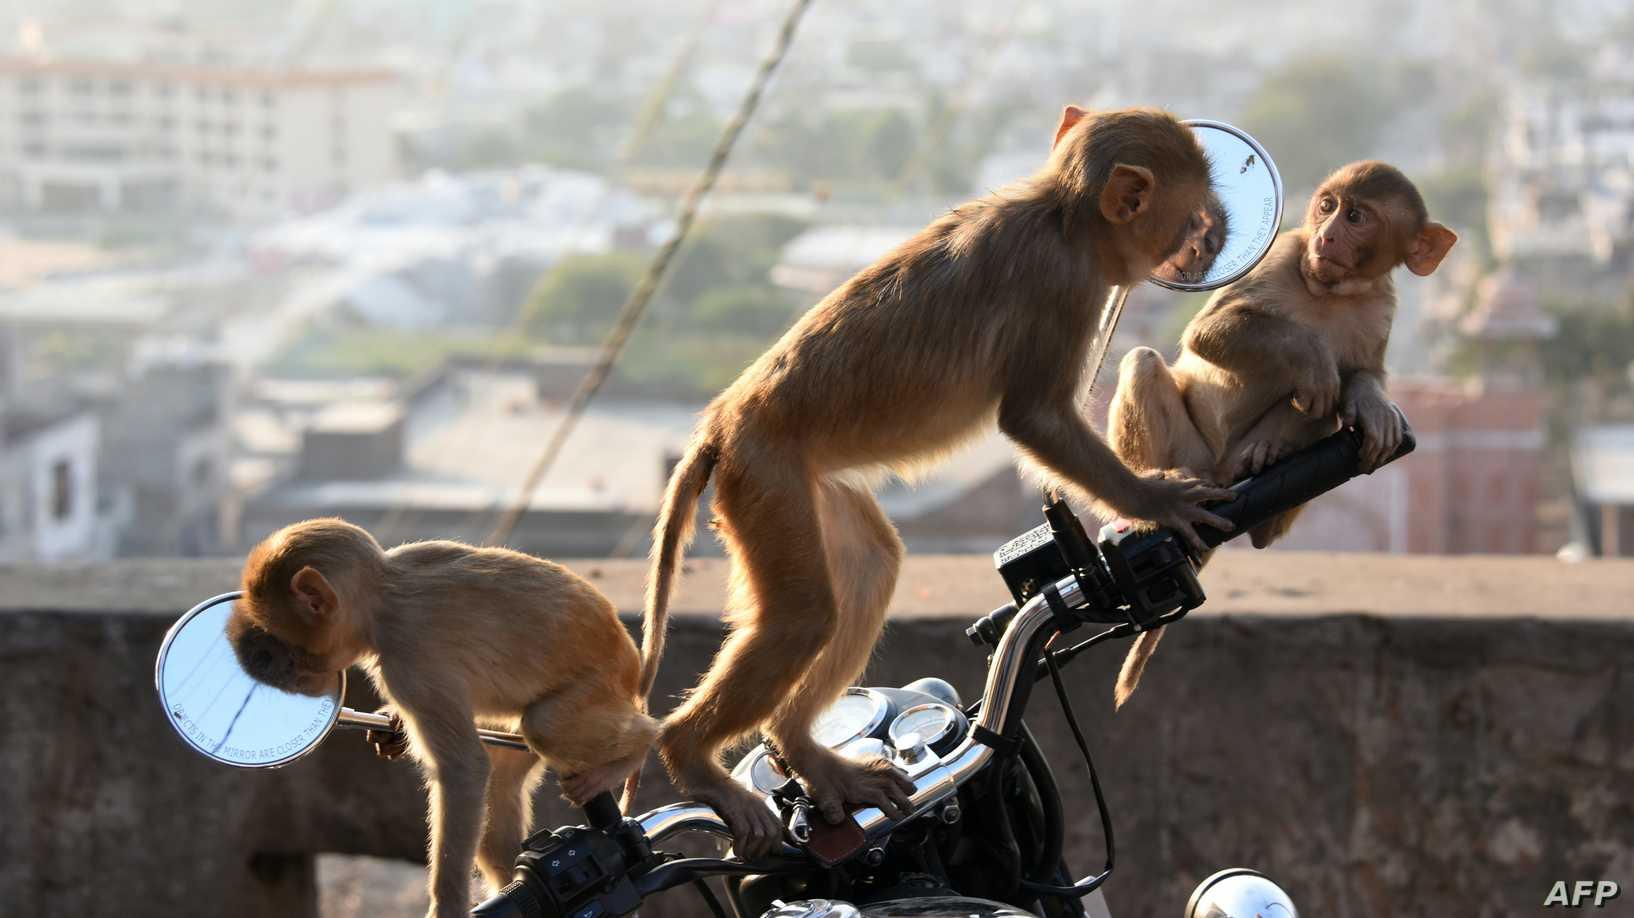 القرود تسرق عينات دم مرضى كورونا في الهند